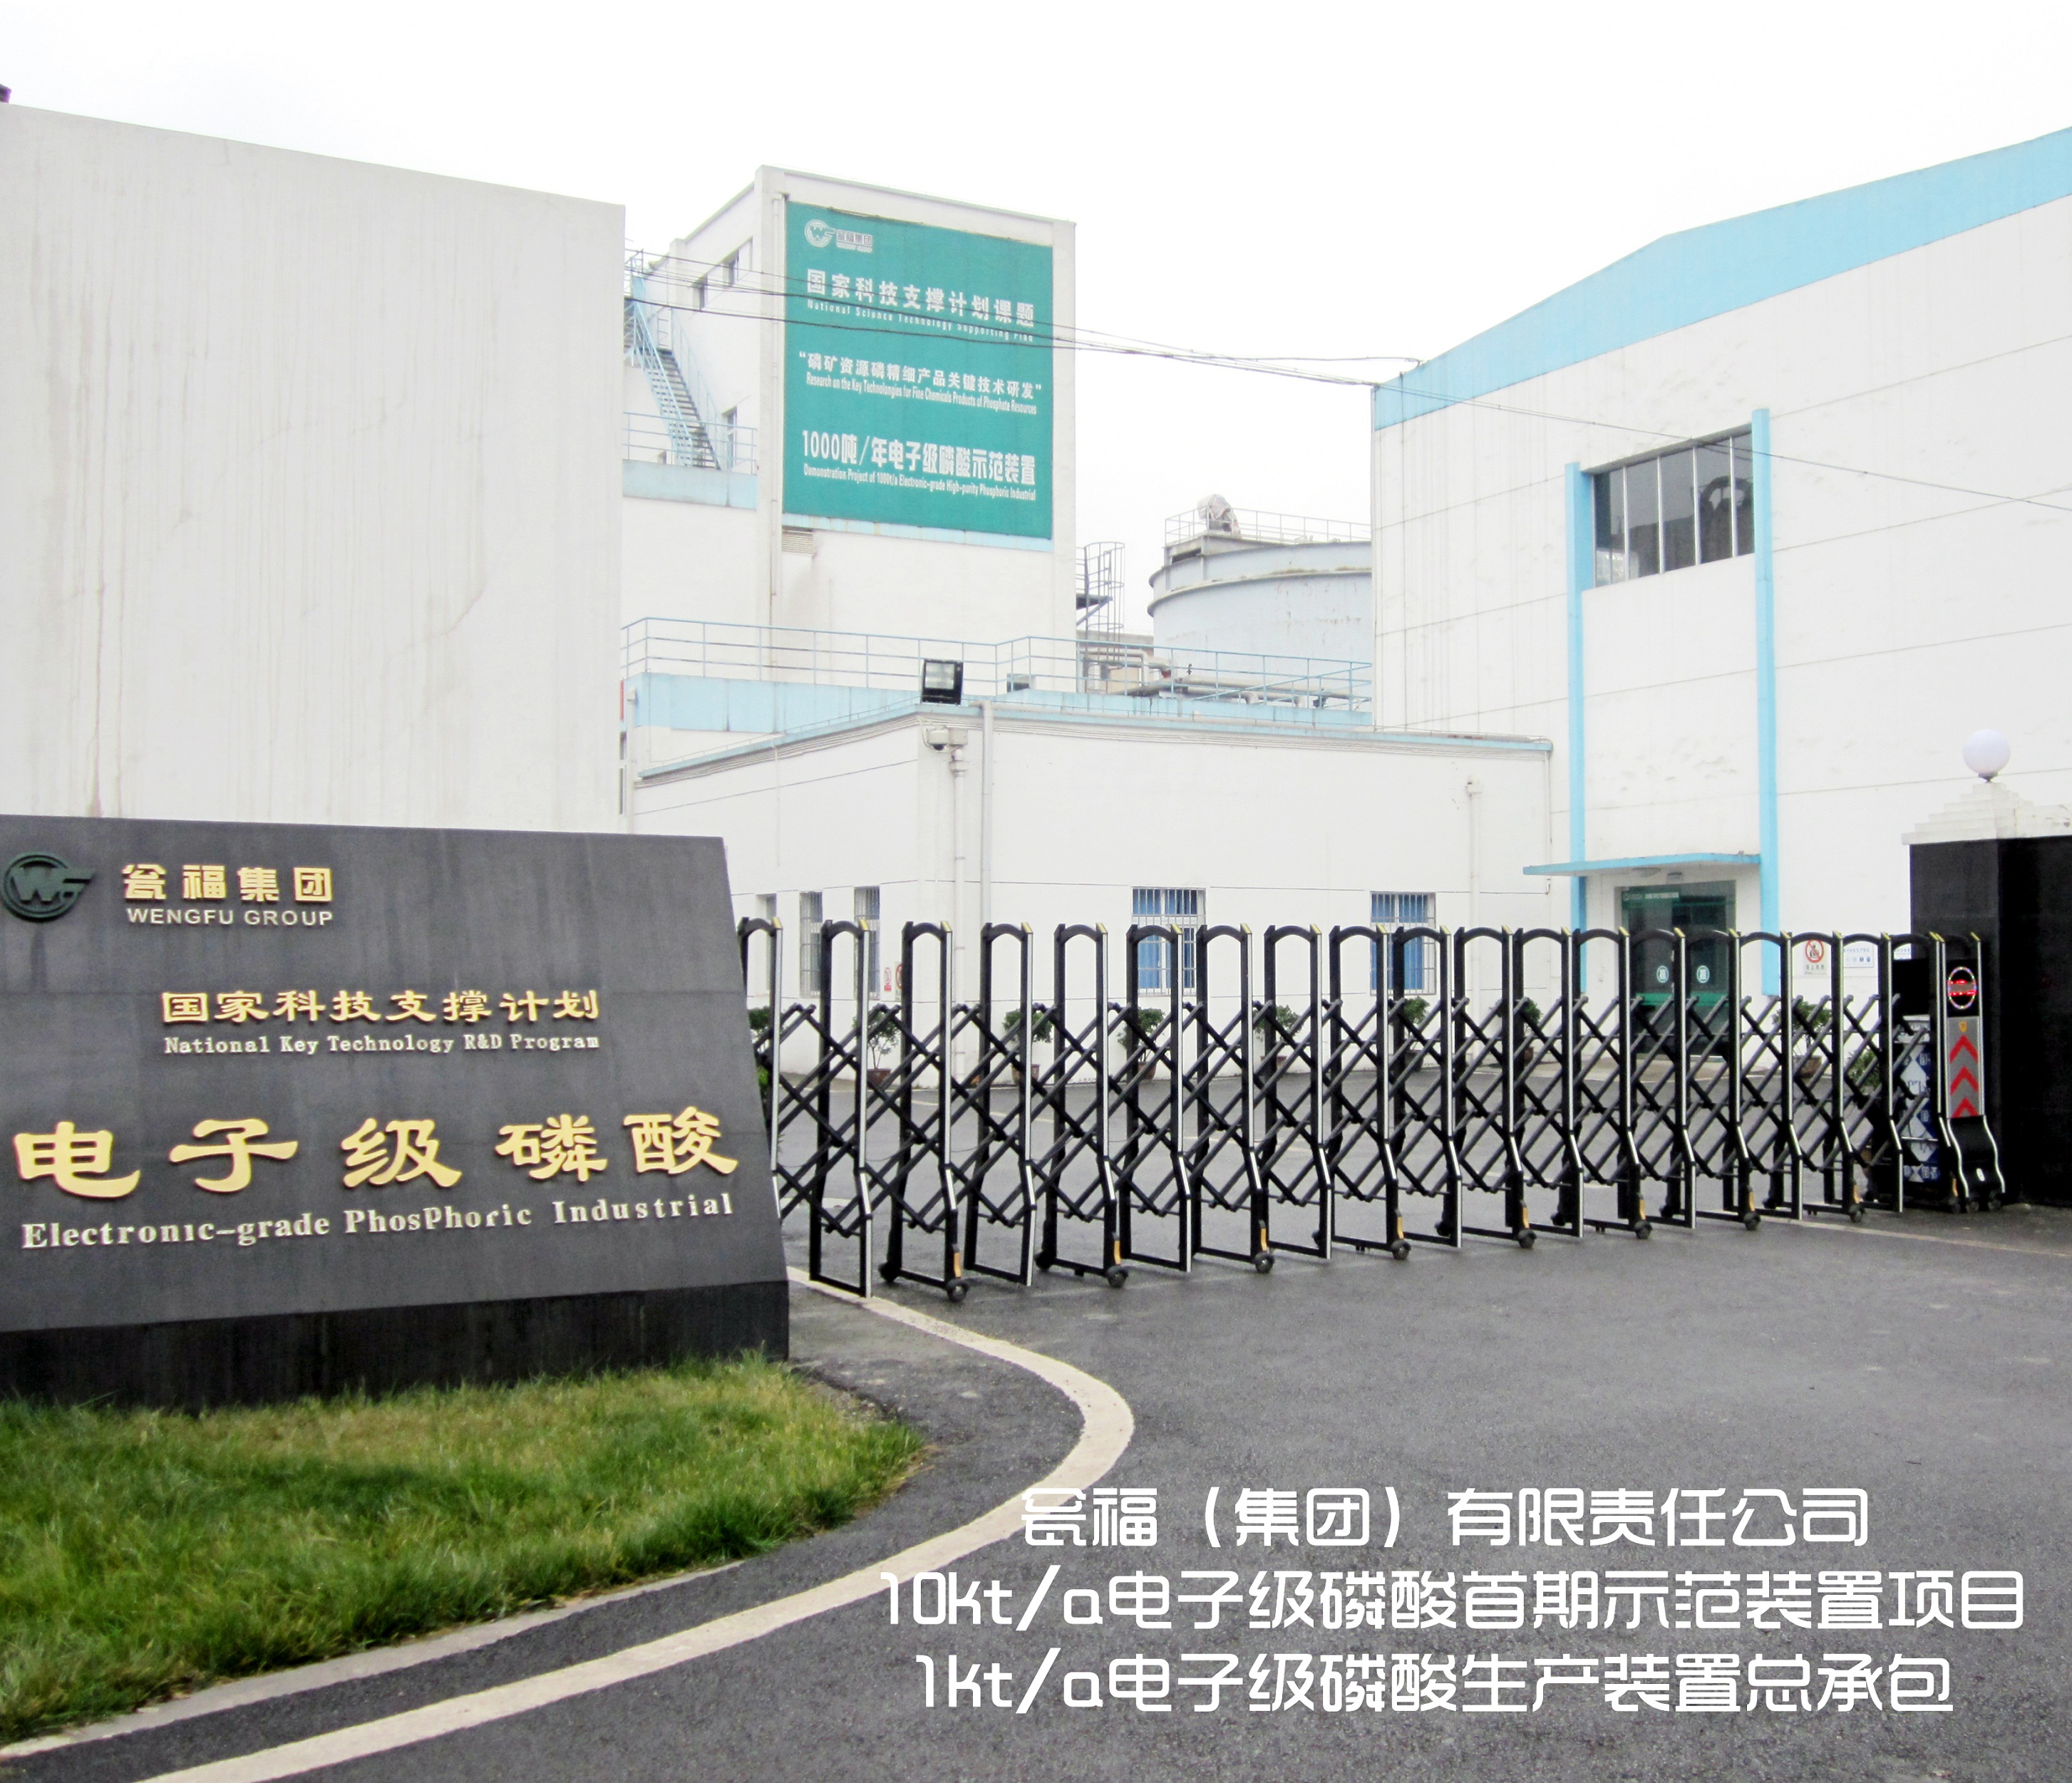 瓮福-团体电子级磷酸生产装置